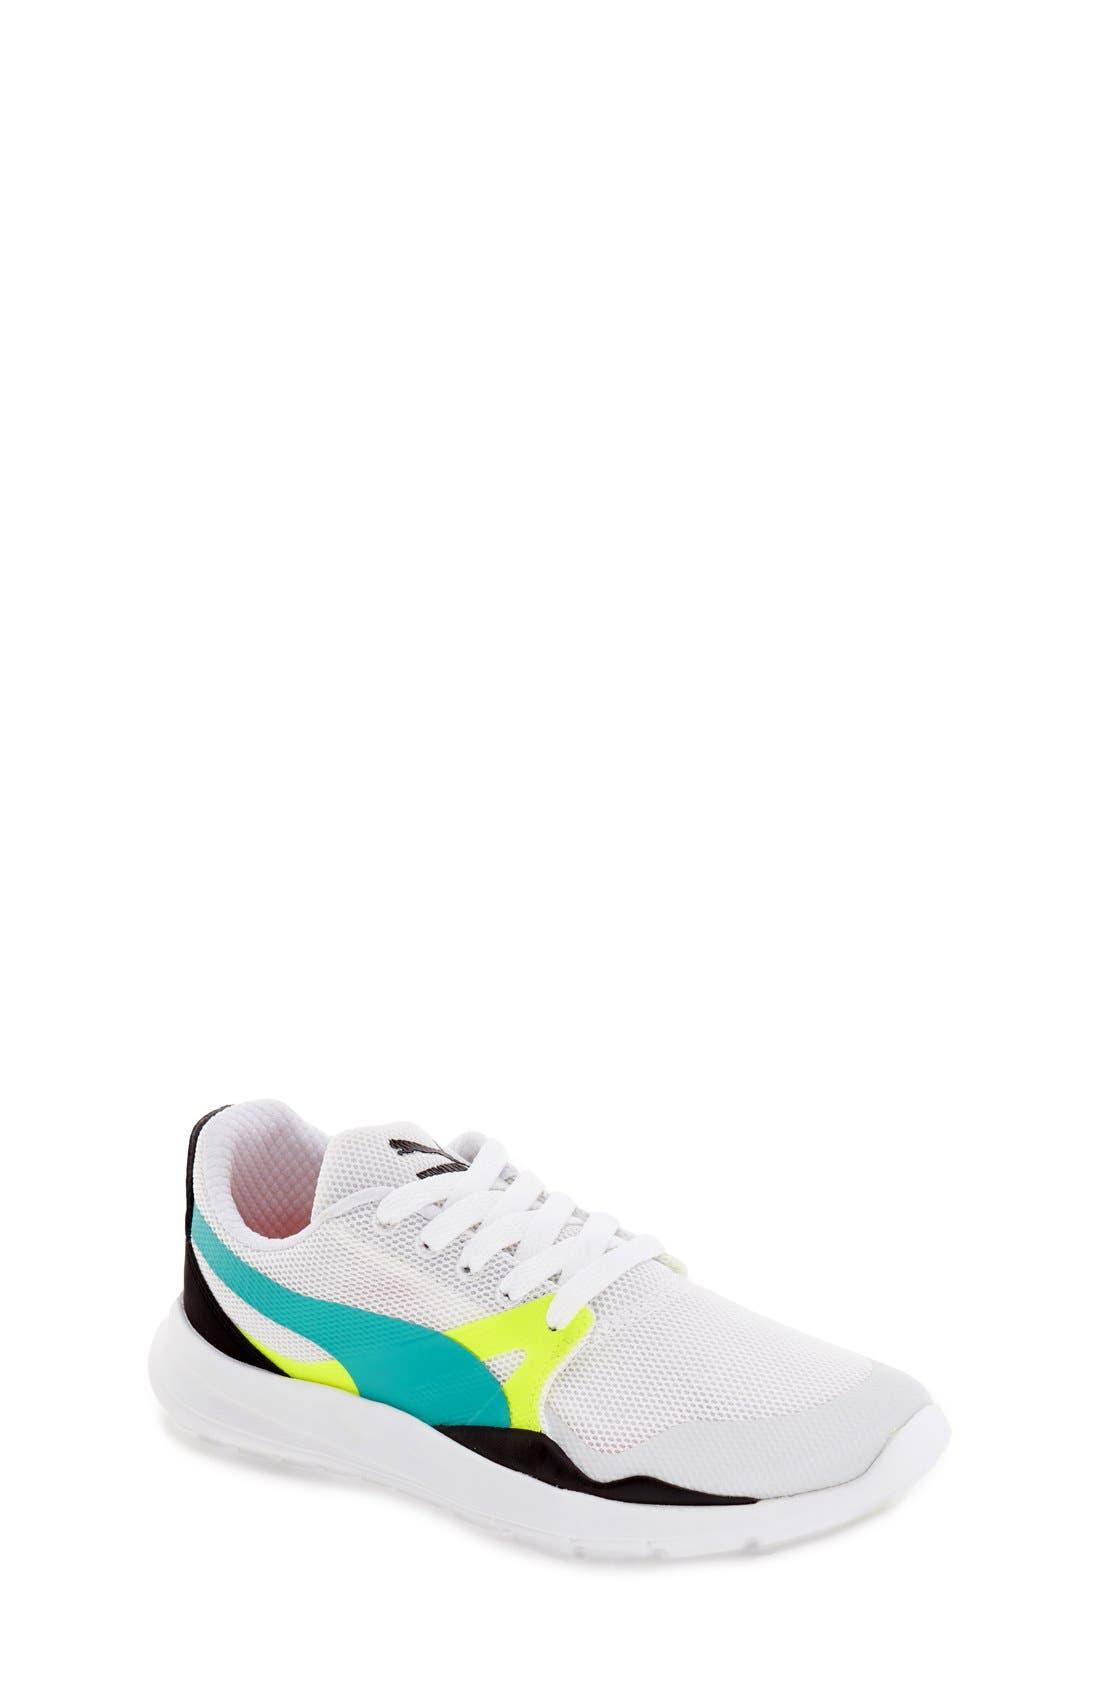 PUMA Duplex Evo Jr Sneaker